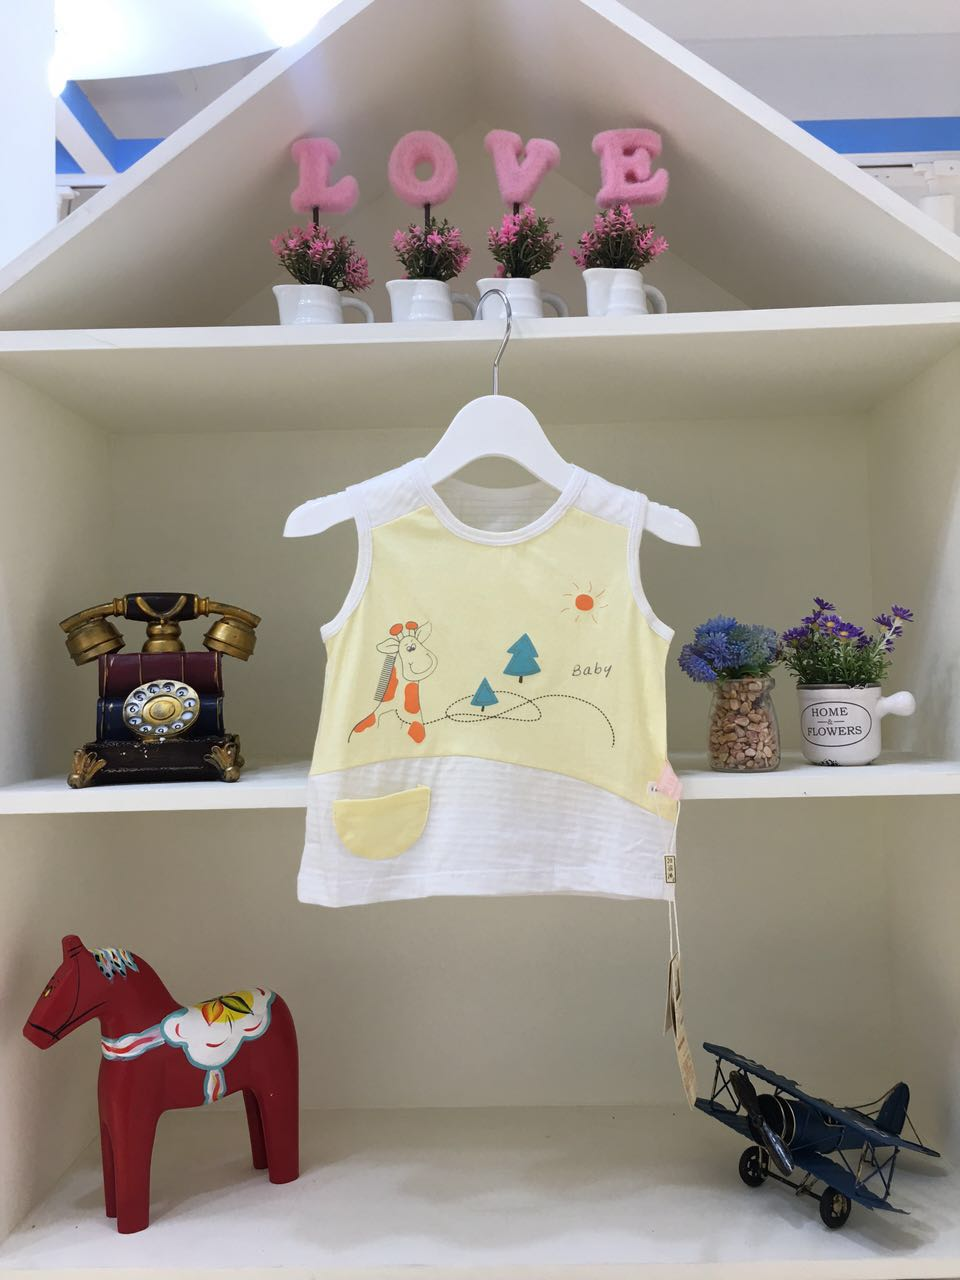 贝得兔婴儿童装 品牌折扣店货源 一手货源批发